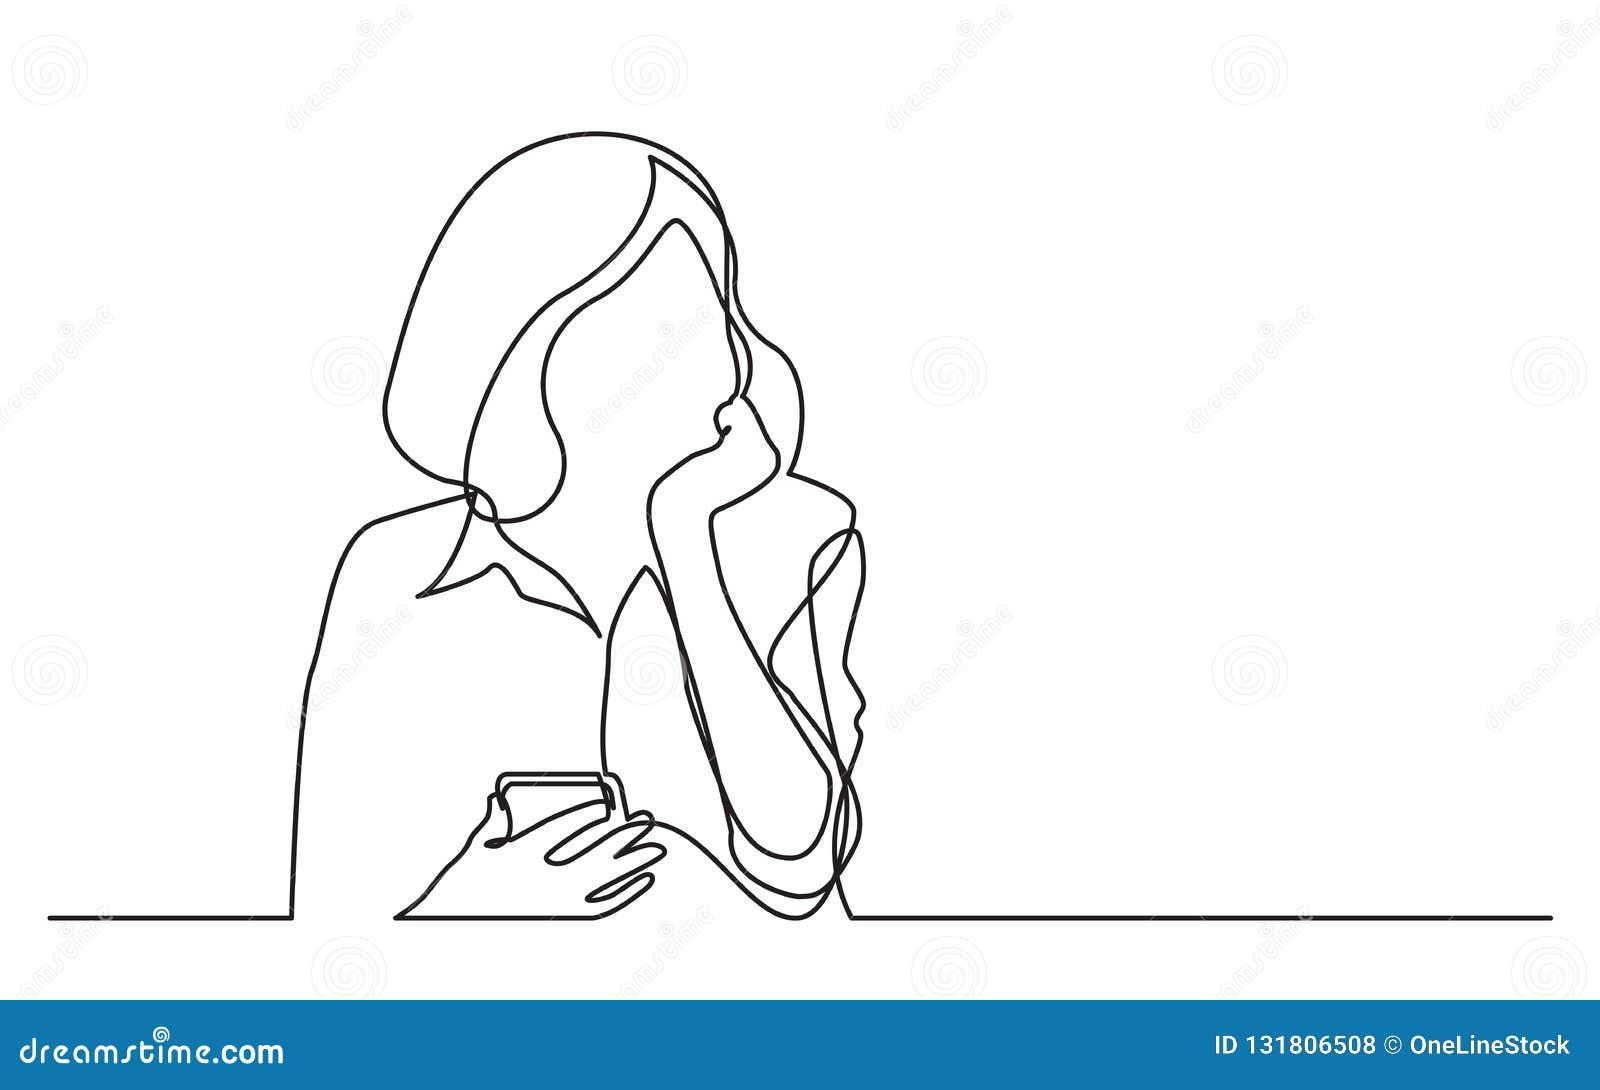 Disegno a tratteggio continuo del telefono cellulare di pensiero della tenuta della donna